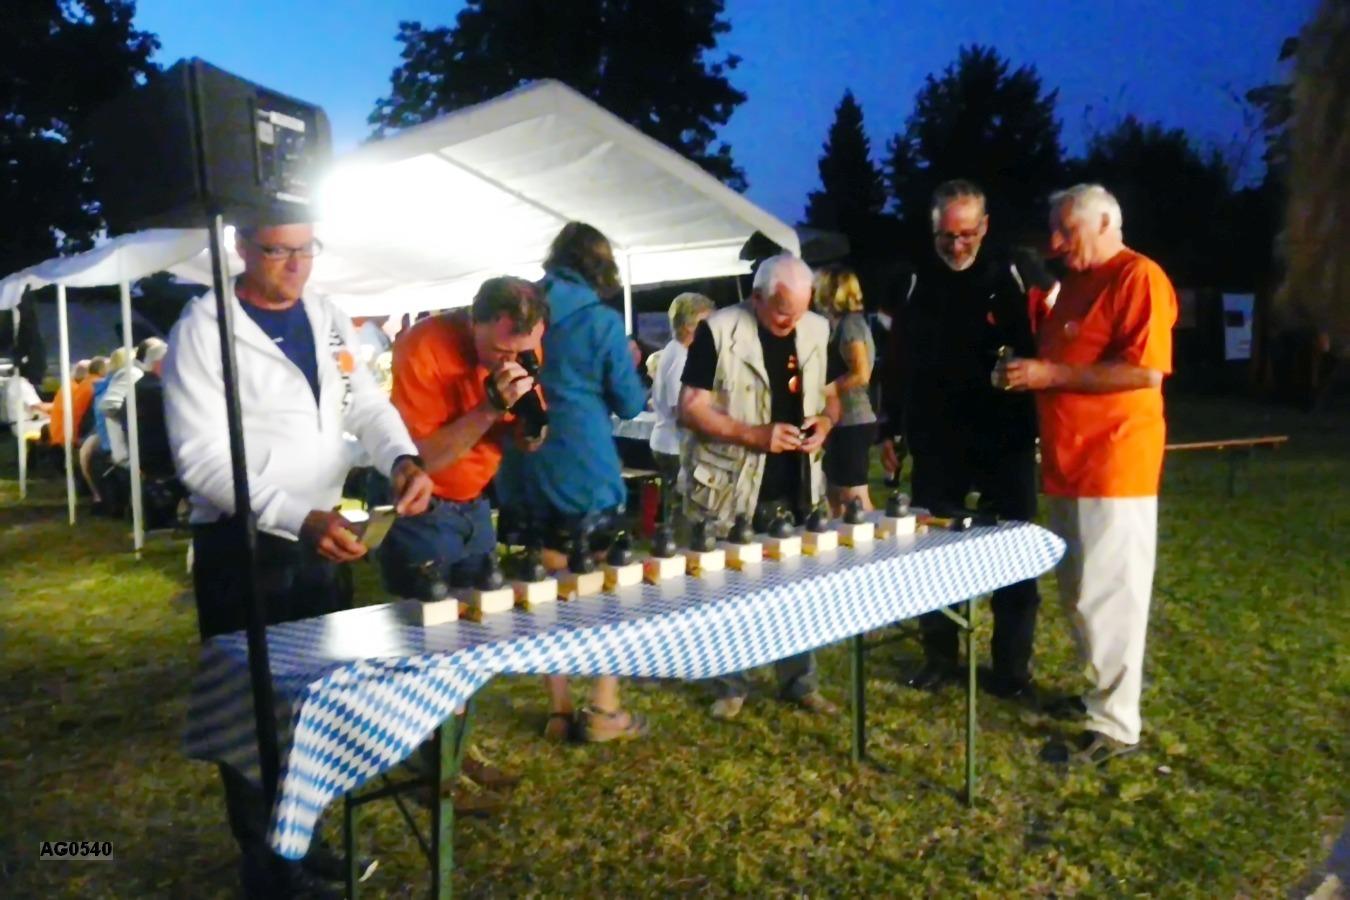 Auch die Fotografen interessieren sich für die ausgefallenen Elwedritsche-Pokale